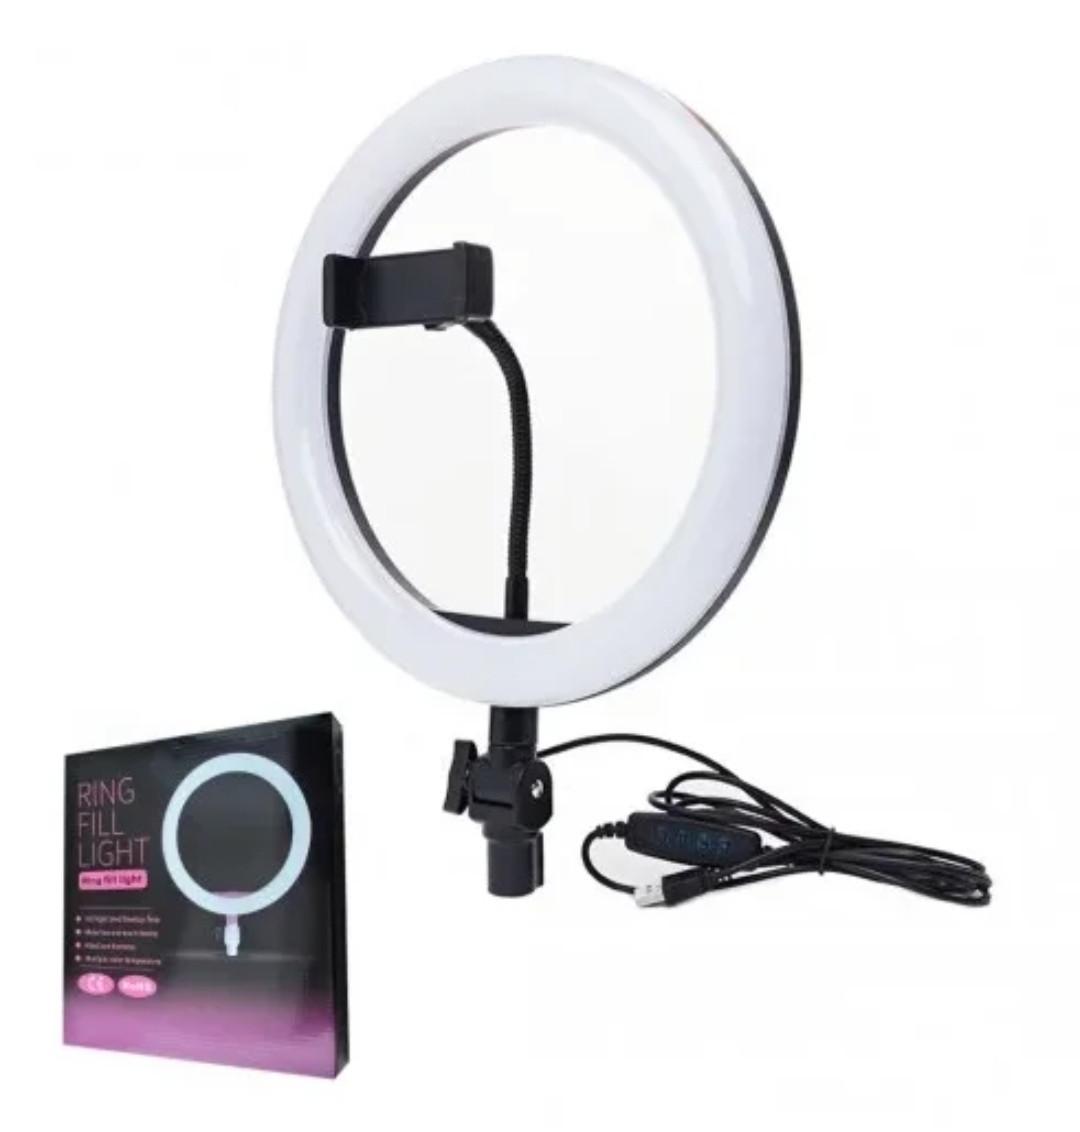 Кольцевая LED лампа диаметром 26 см с пультом